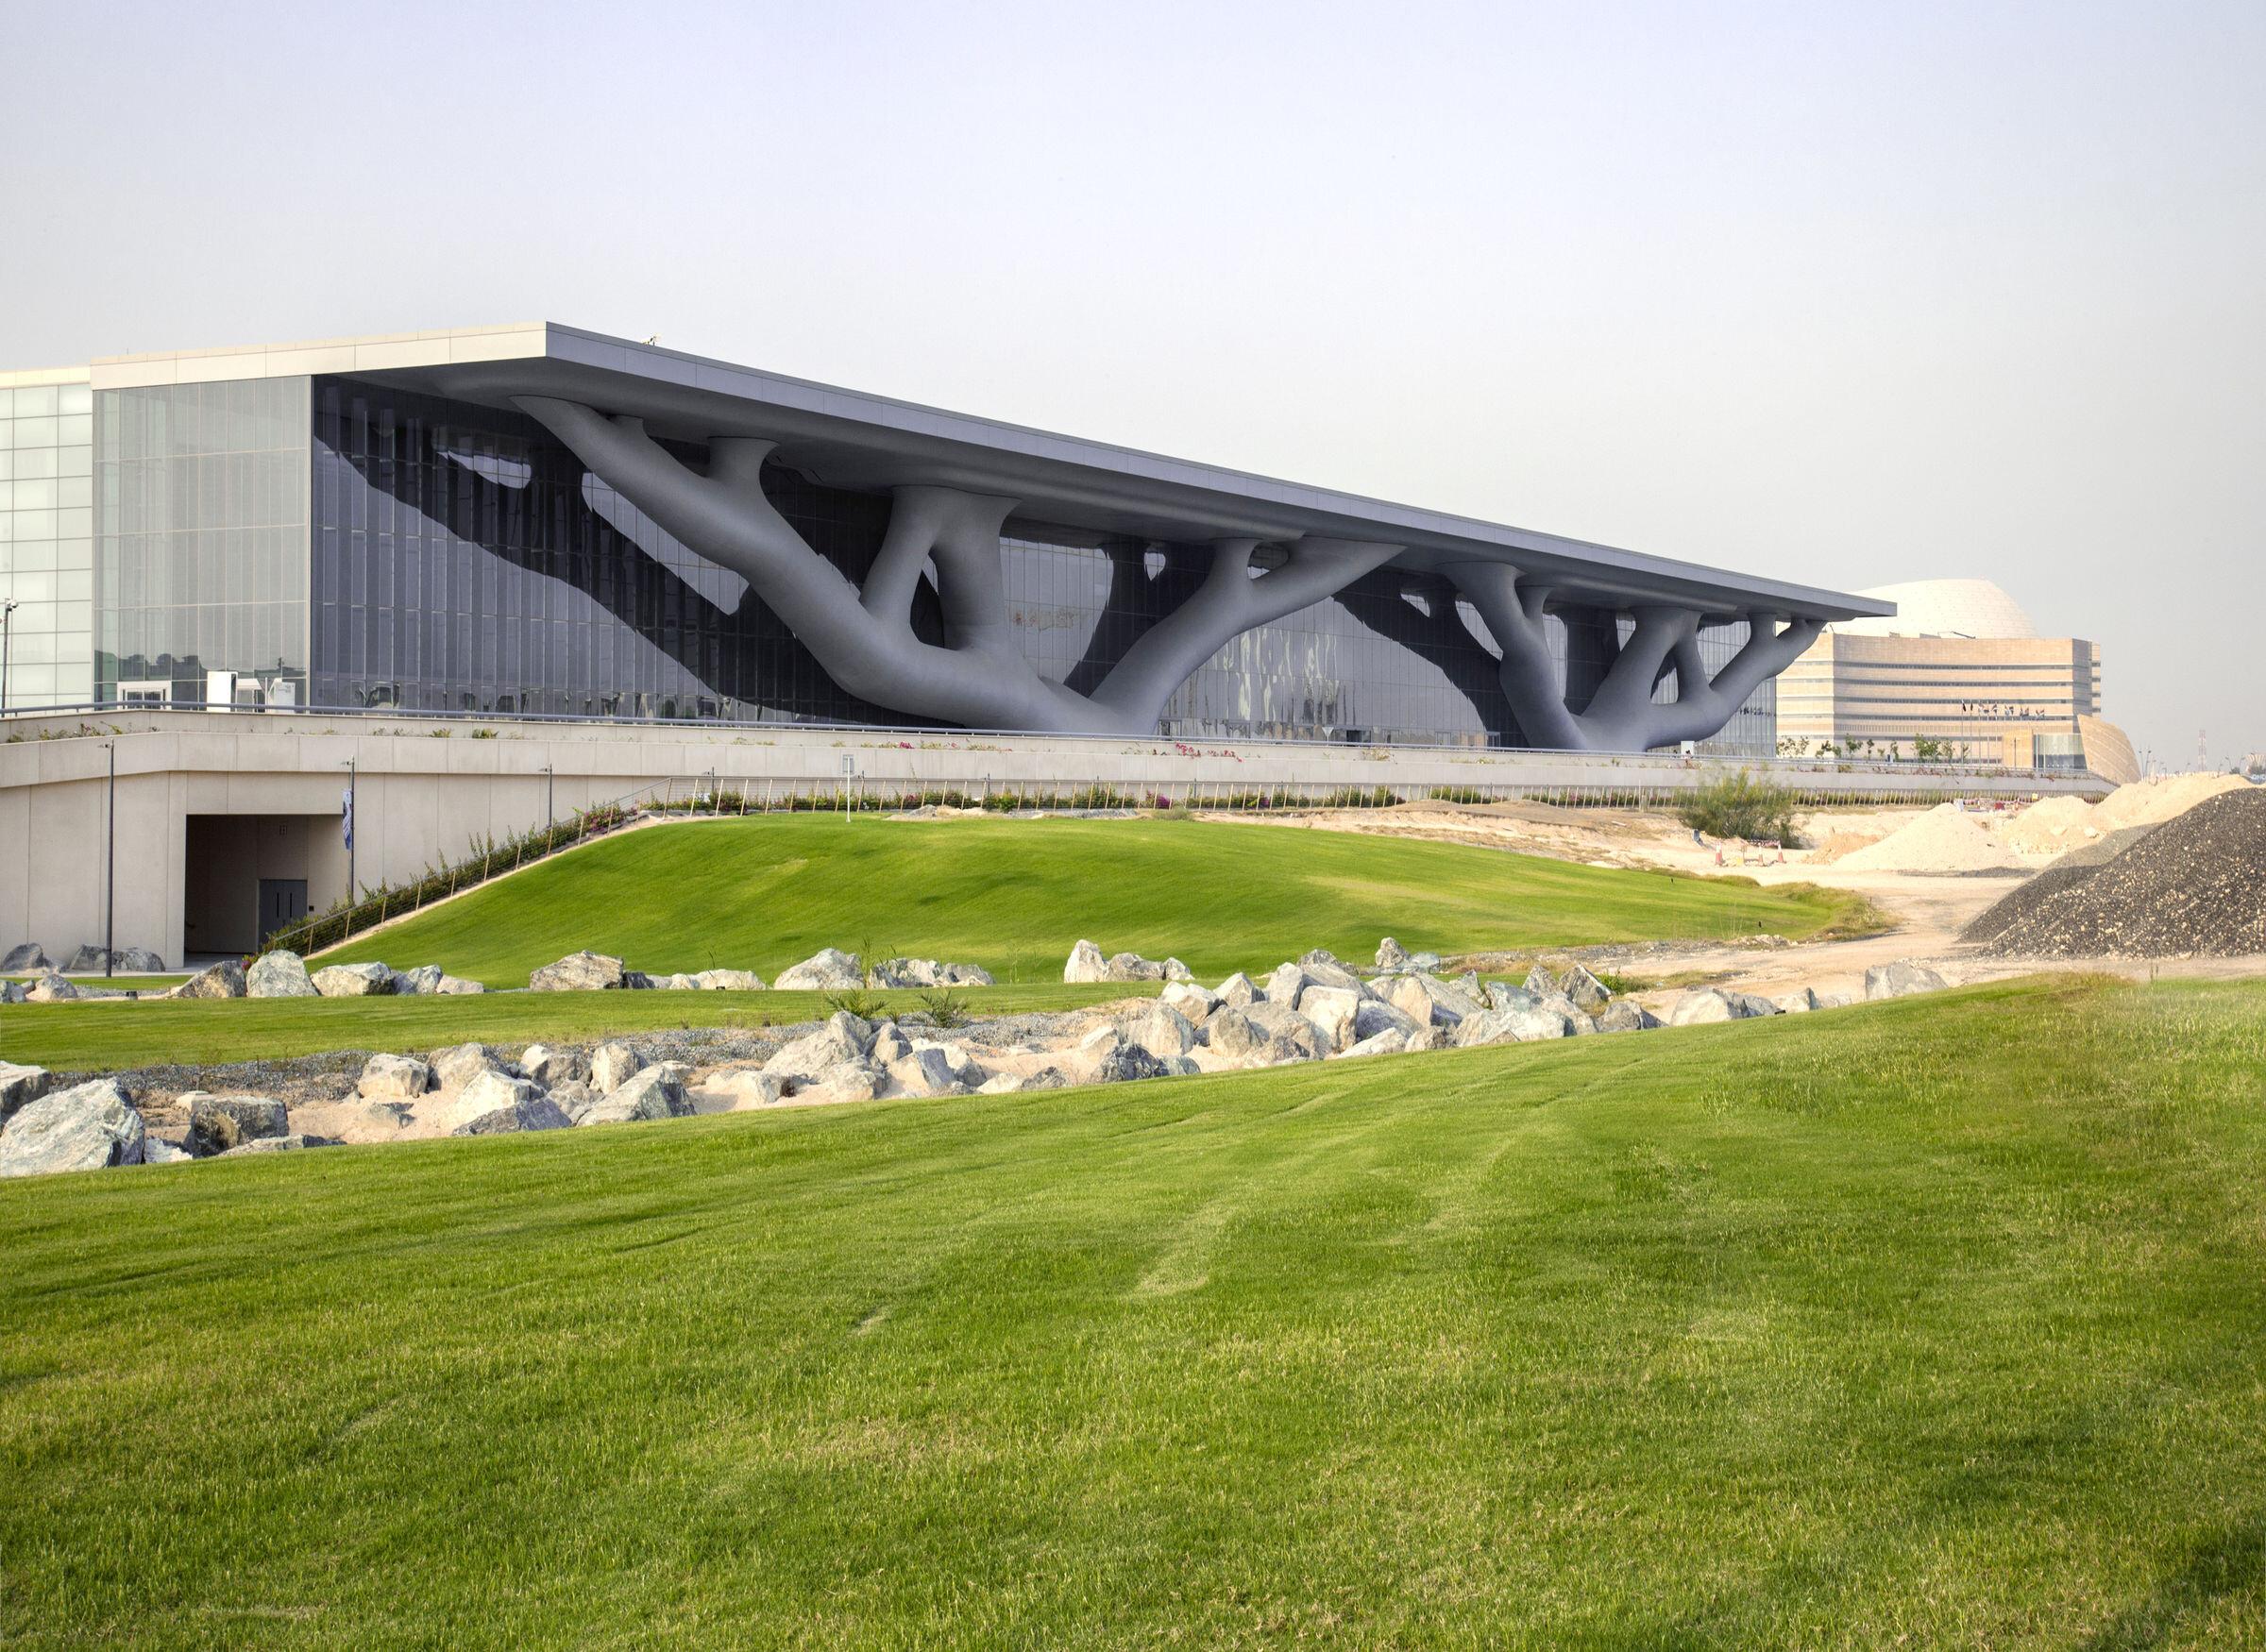 The Pritzker Architecture Prize 2019